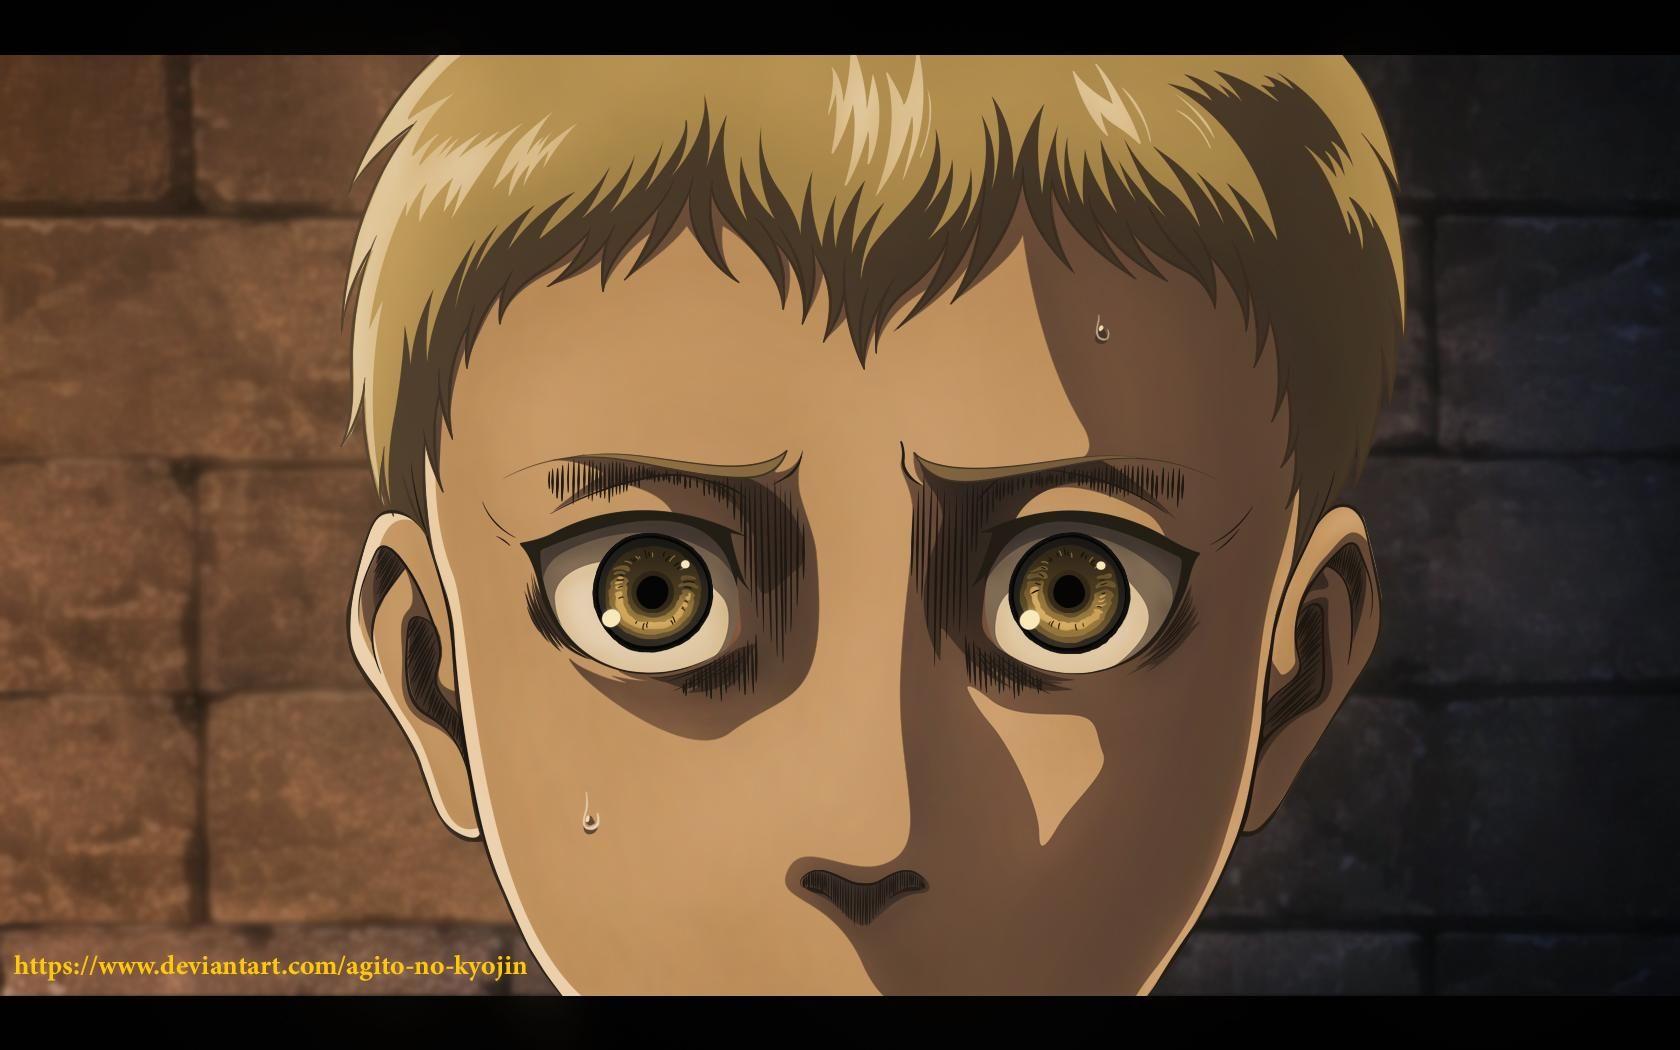 Shingeki no Kyojin Attack on Titan chapter 127